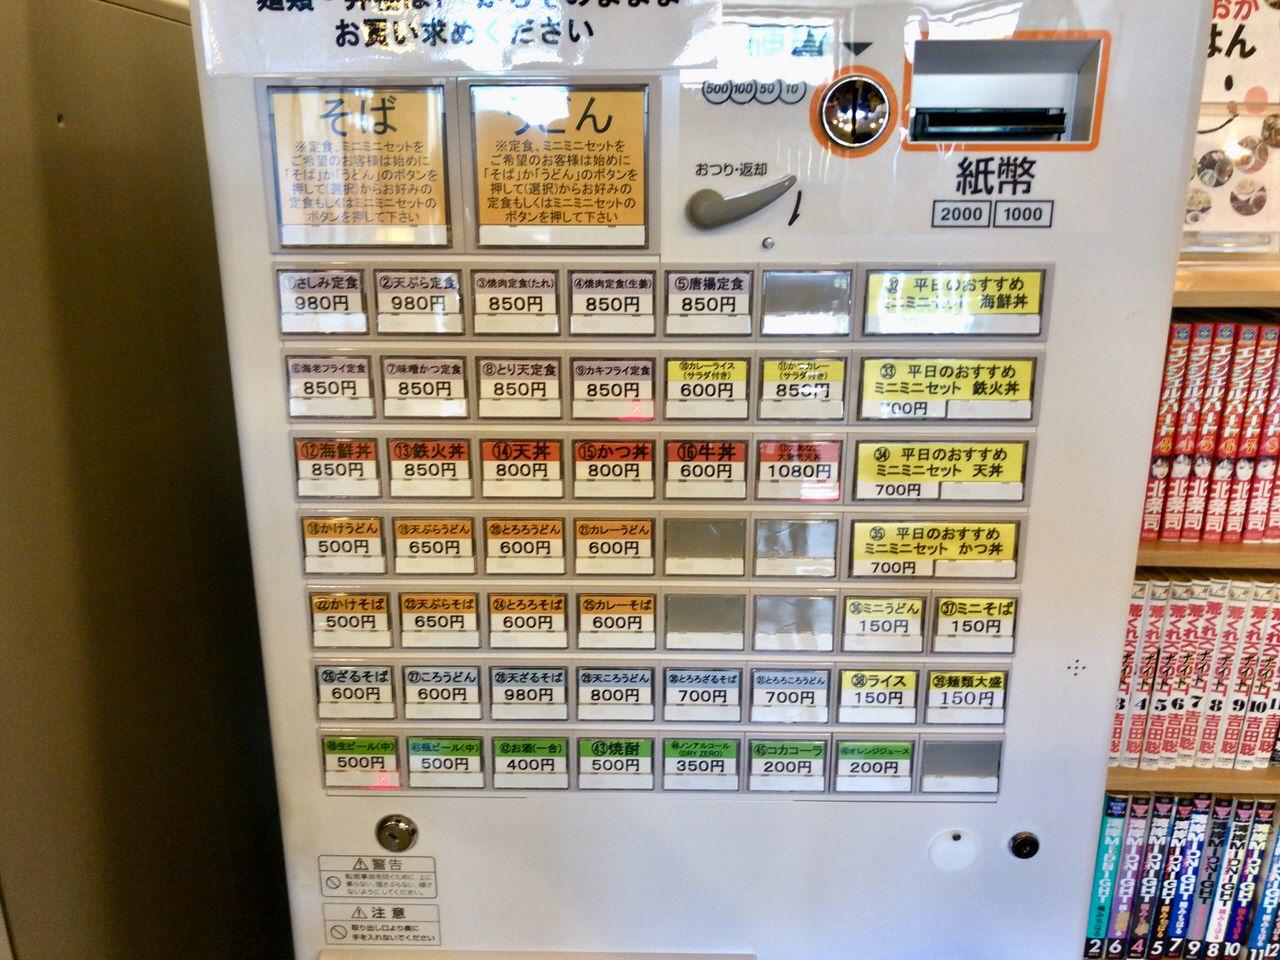 伸のランチ食券機